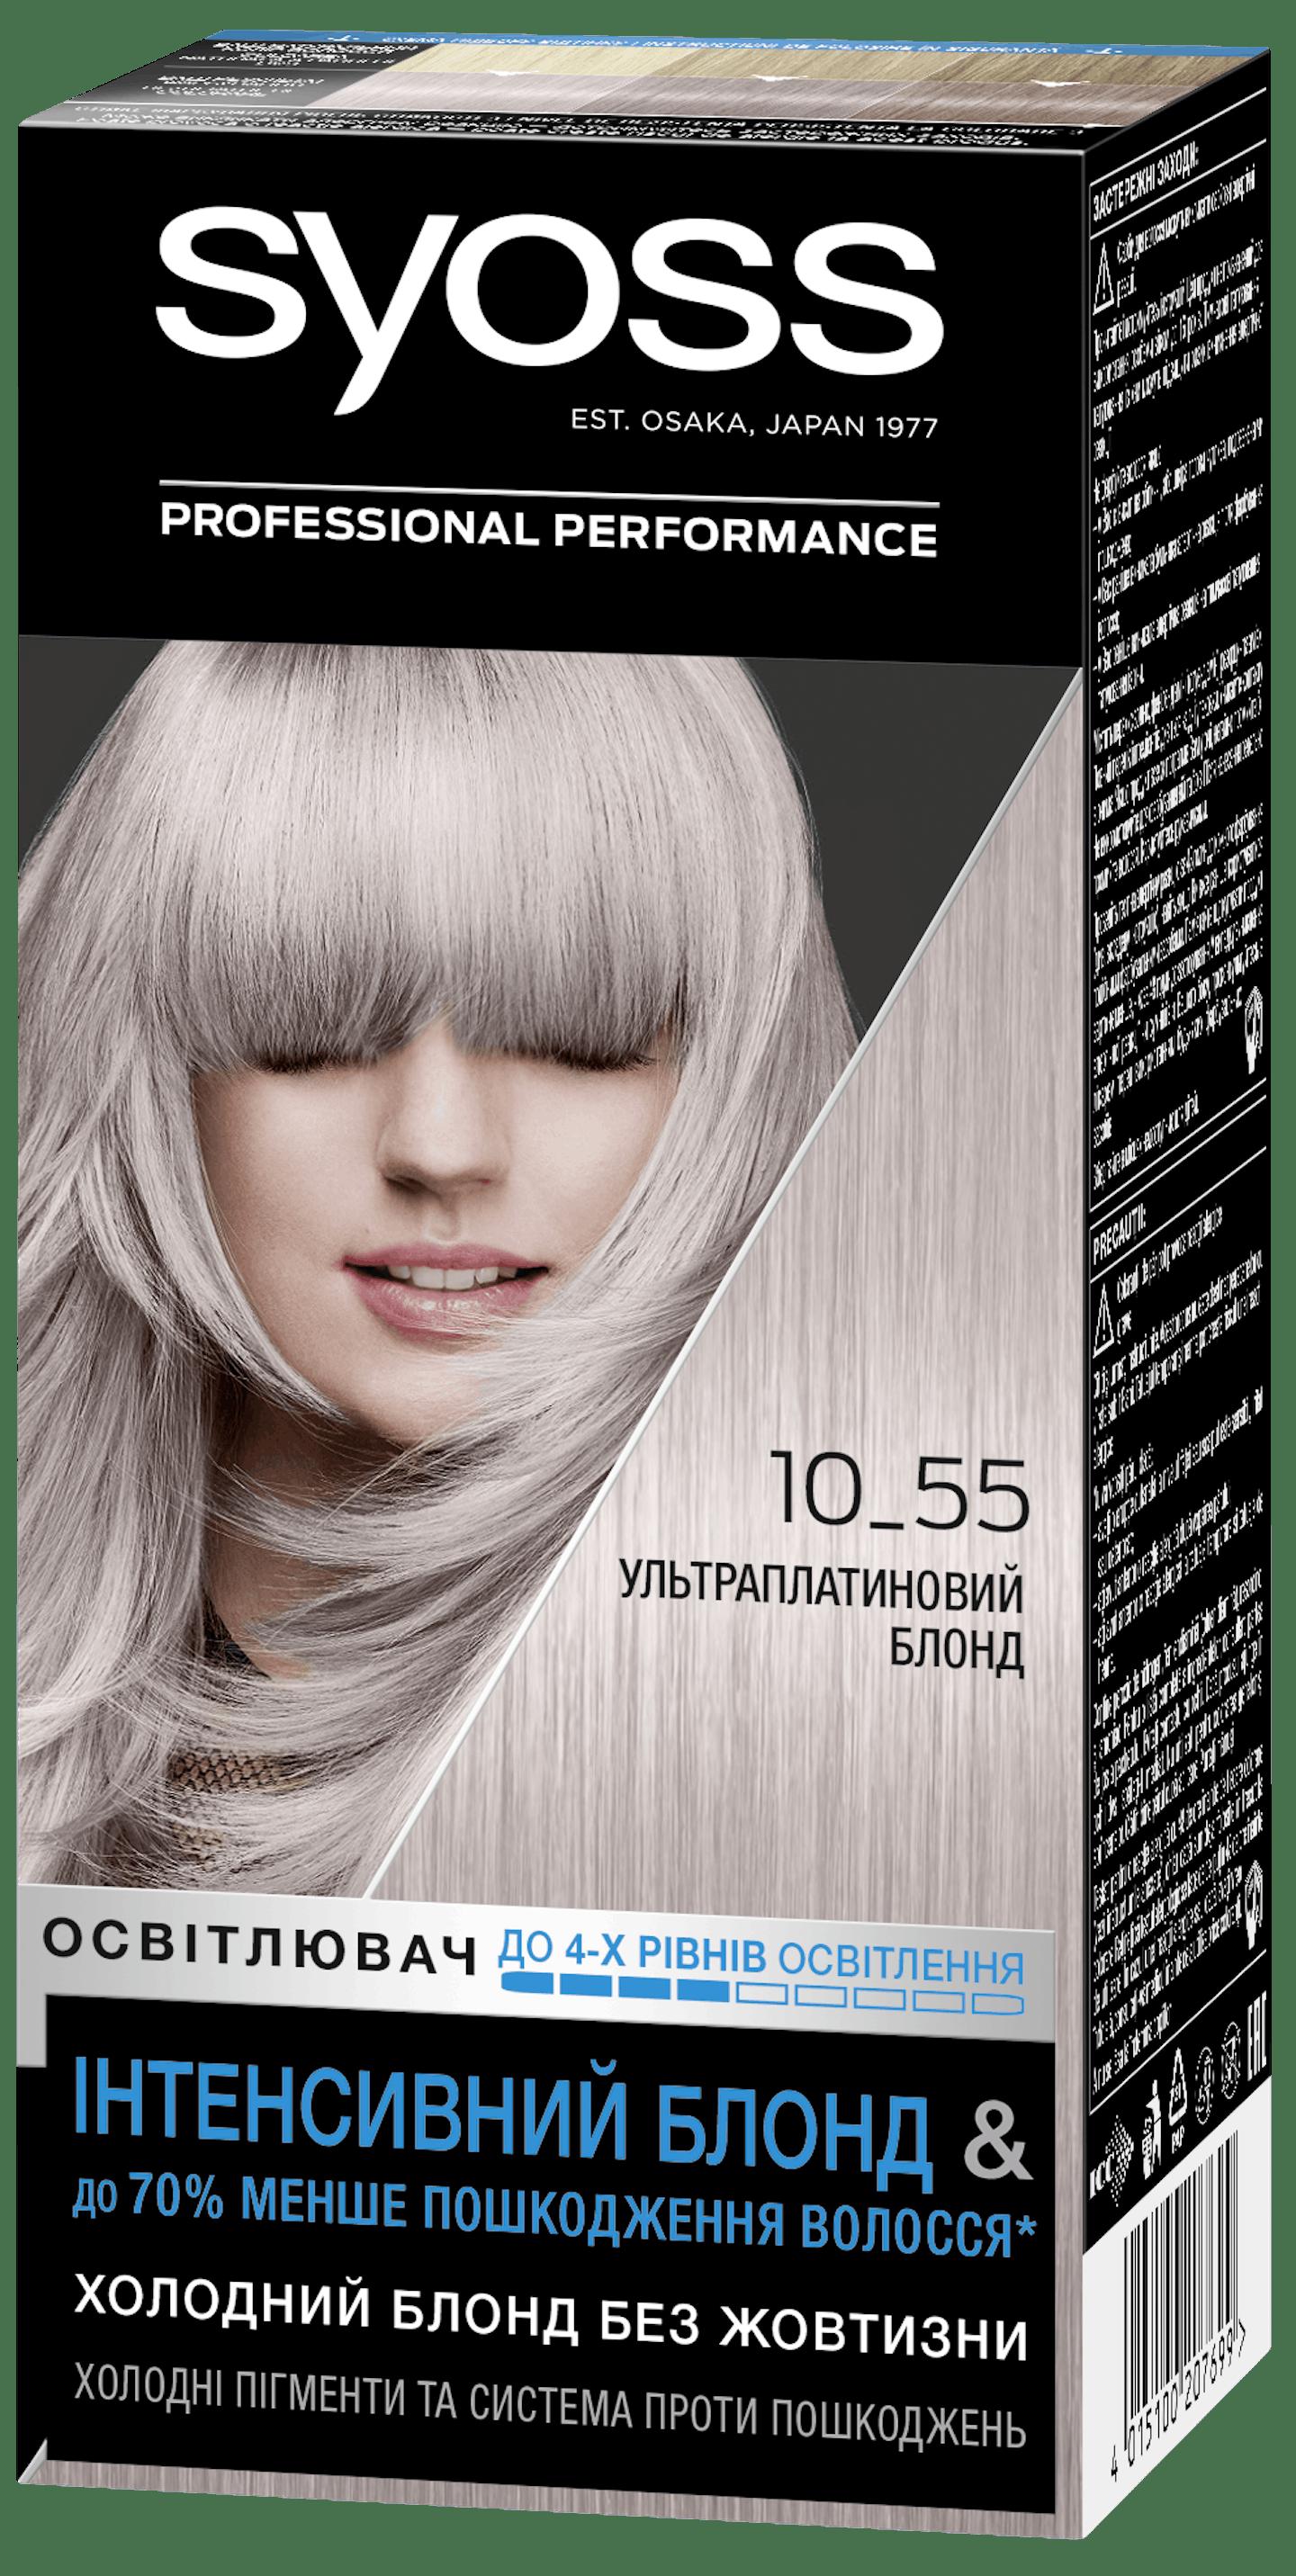 Стійка фарба для волосся Syoss Ультраплатиновий Блонд 10-55